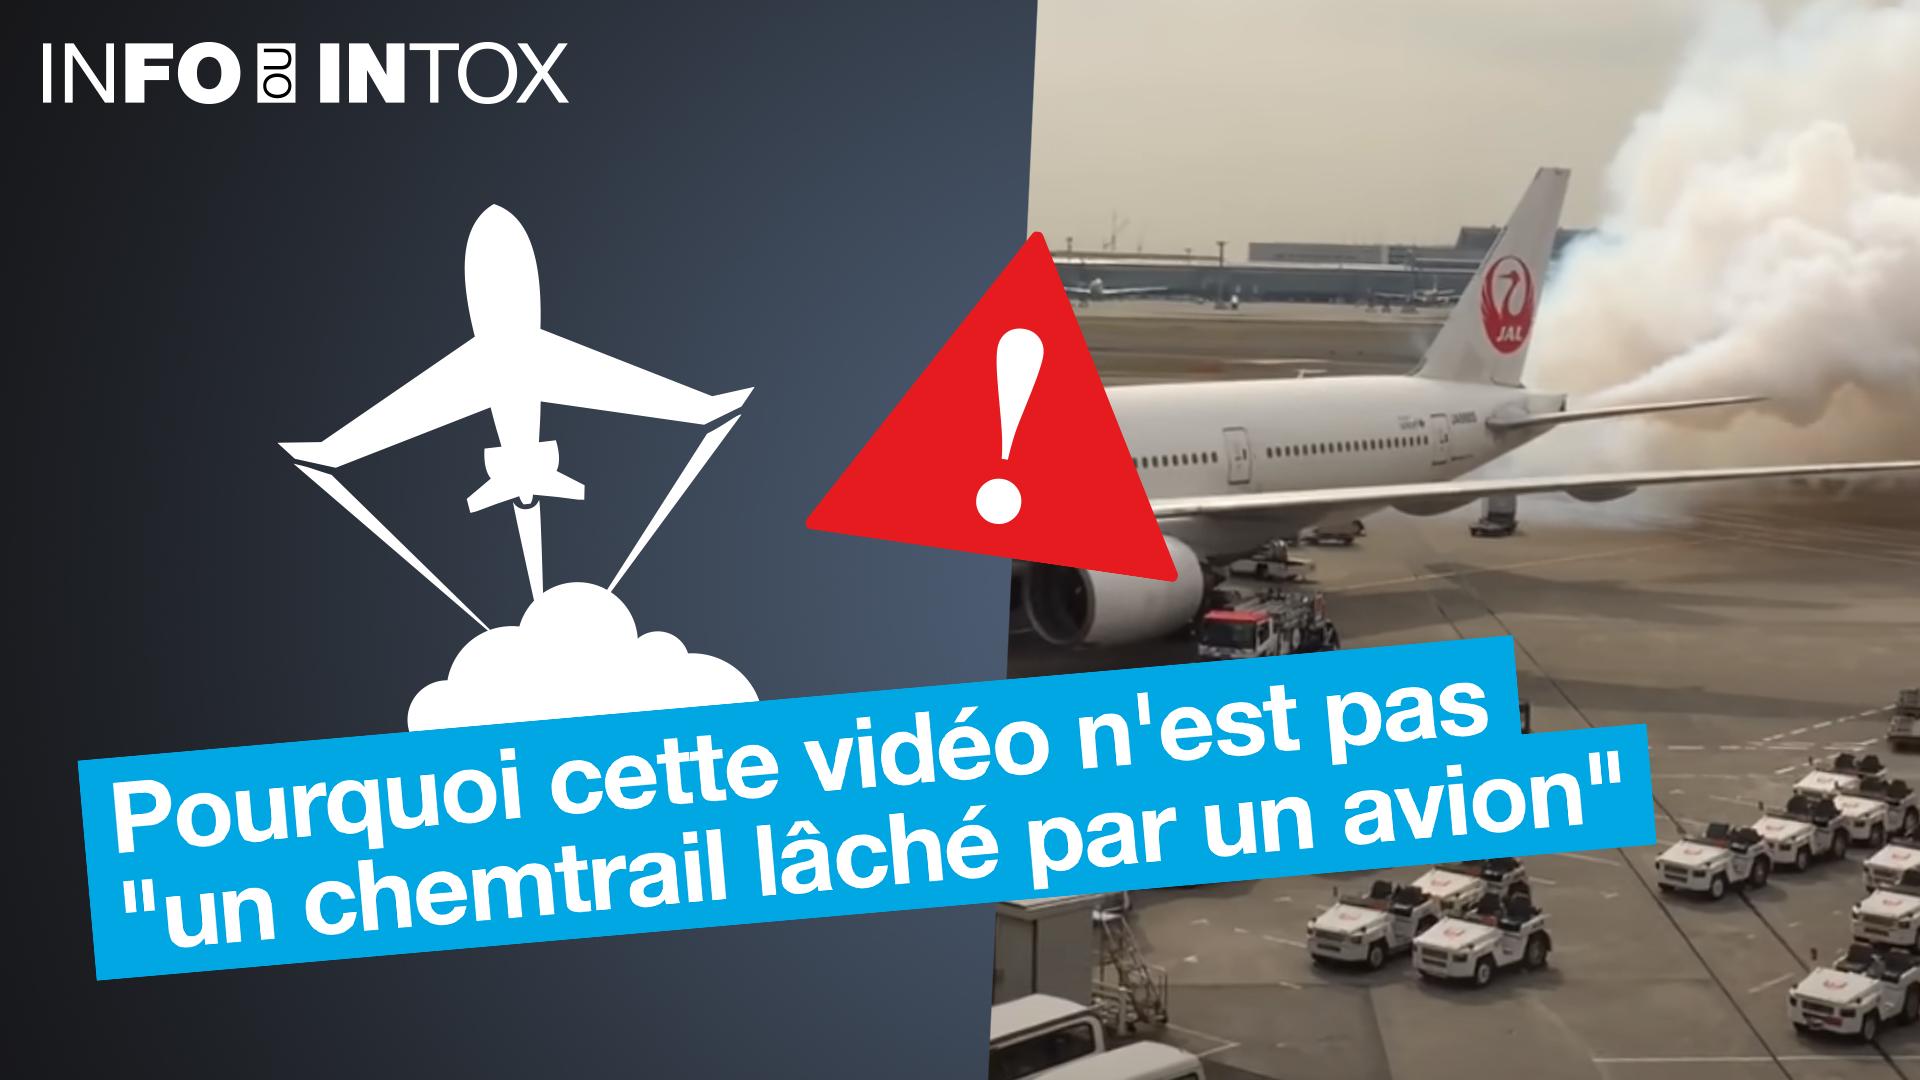 De la fumée lachée par un avion, signe d'un chemtrail ? On analyse cette vidéo dans le dernier épisode de Info ou Intox.